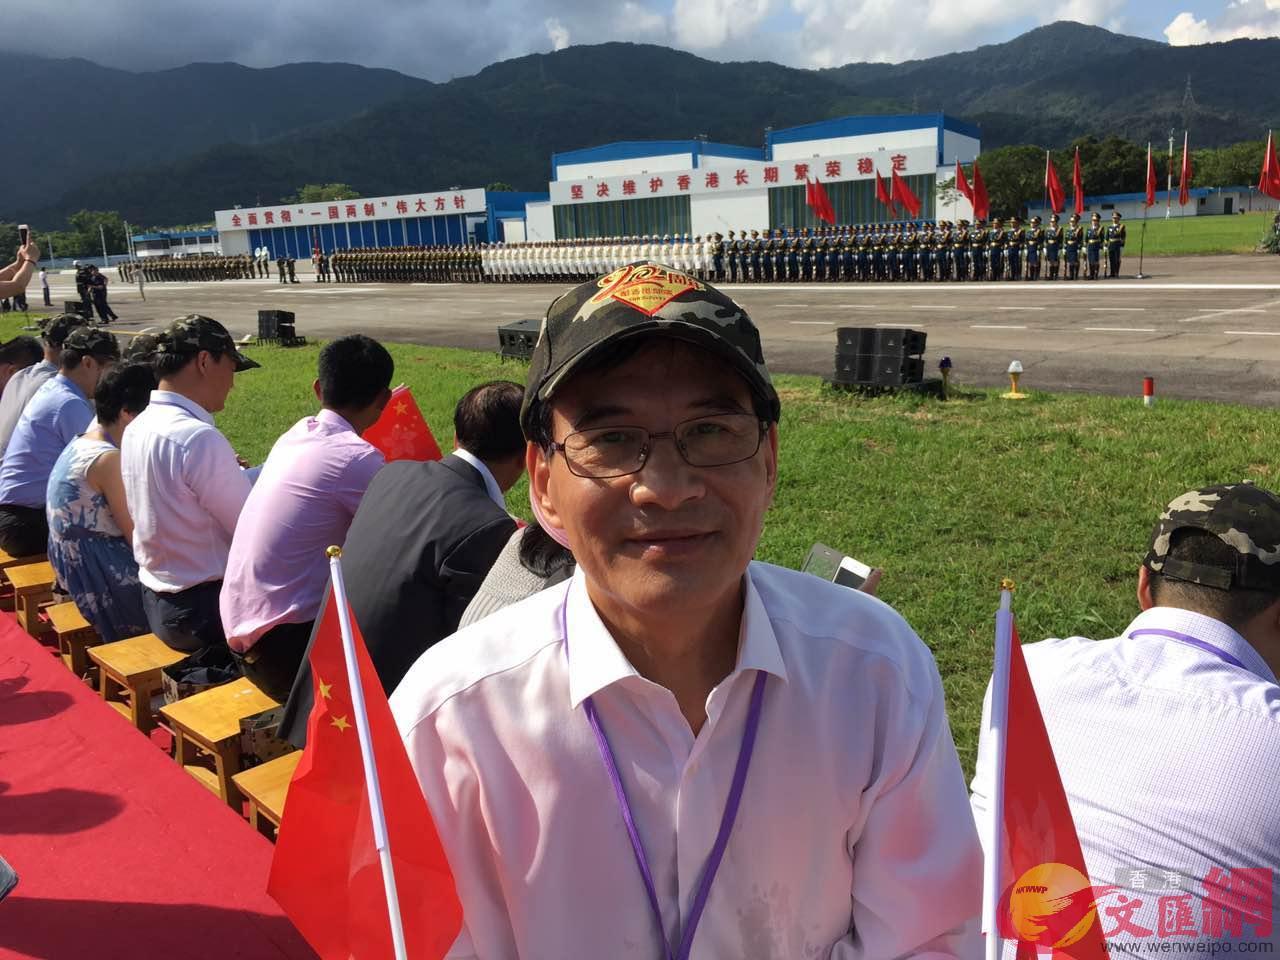 林際平手持國旗和港旗,在駐港部隊三軍儀仗隊前觀禮(林際平提供)